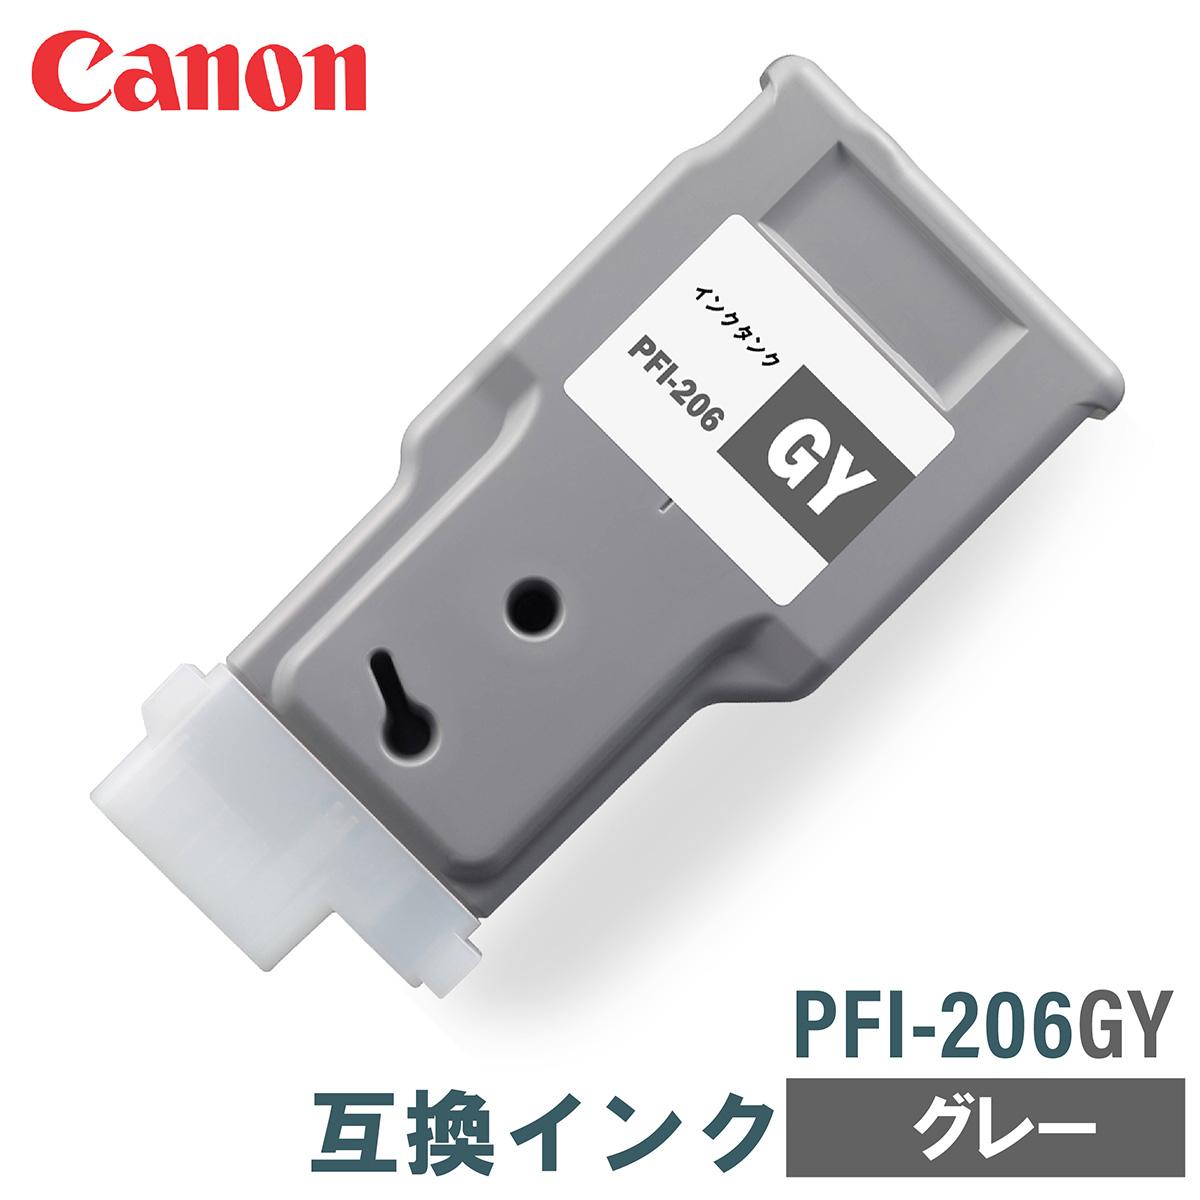 キヤノン 互換インク CANON PFI-206GY グレー 300ml